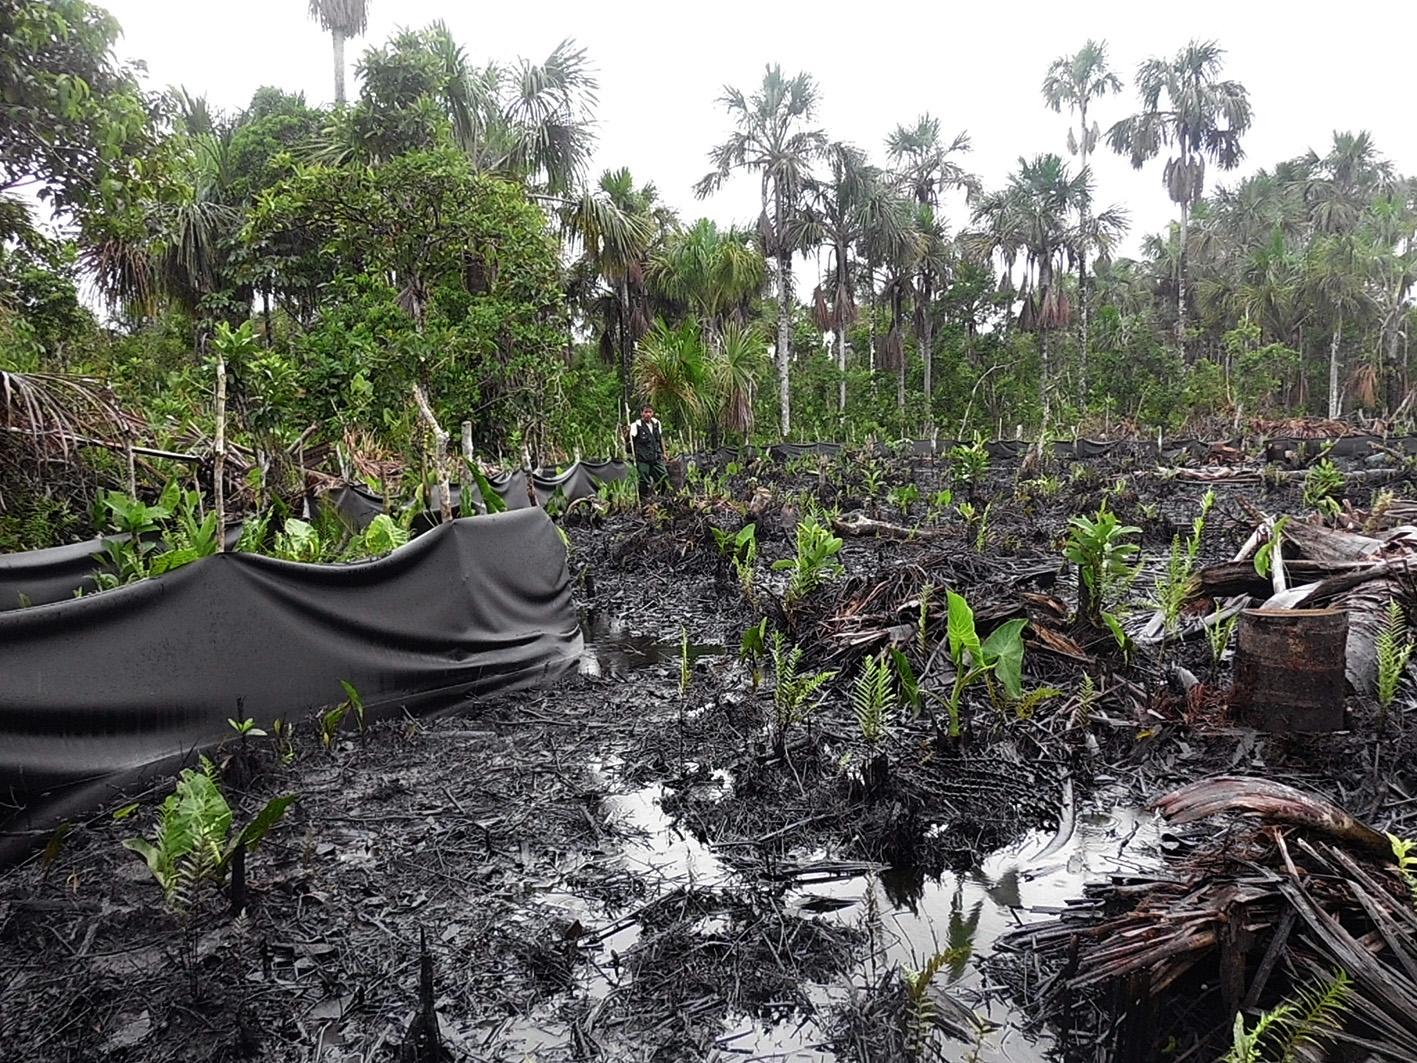 Tareas de remediación, al fondo el guardaparque de la RN Pacaya Samiria. Derrame en zona del oleoducto, 4 de diciembre de 2013. Foto proporcionada por Acodecospat.